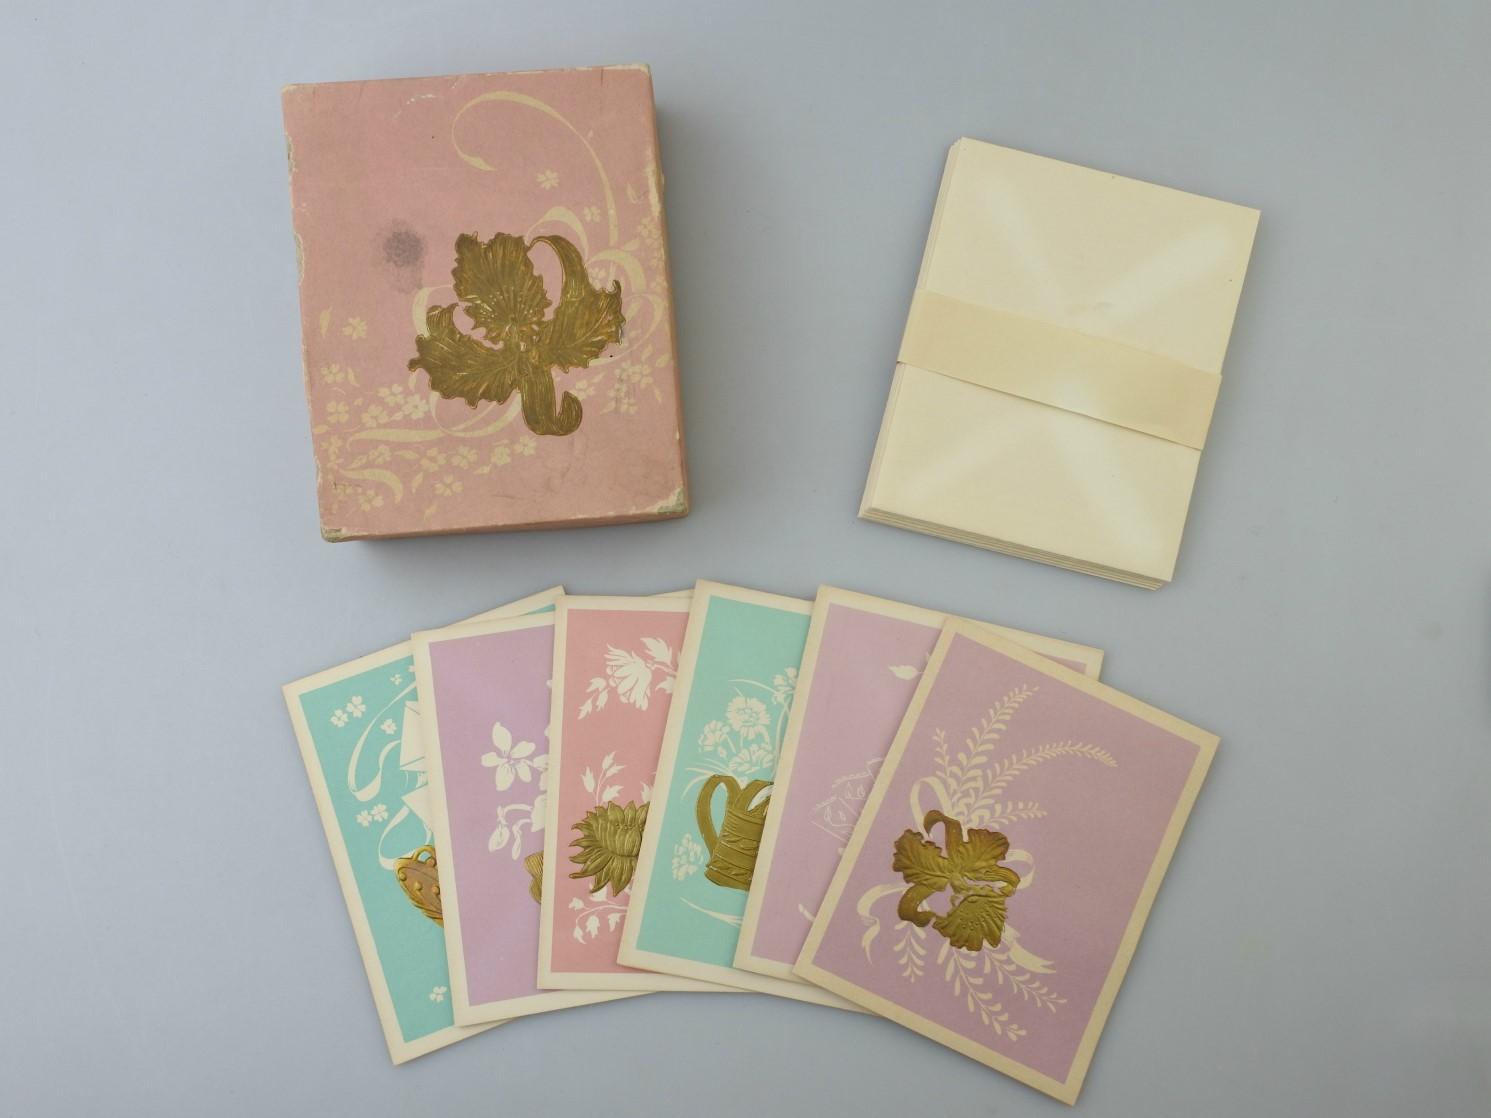 vi-artisticcard-boxset